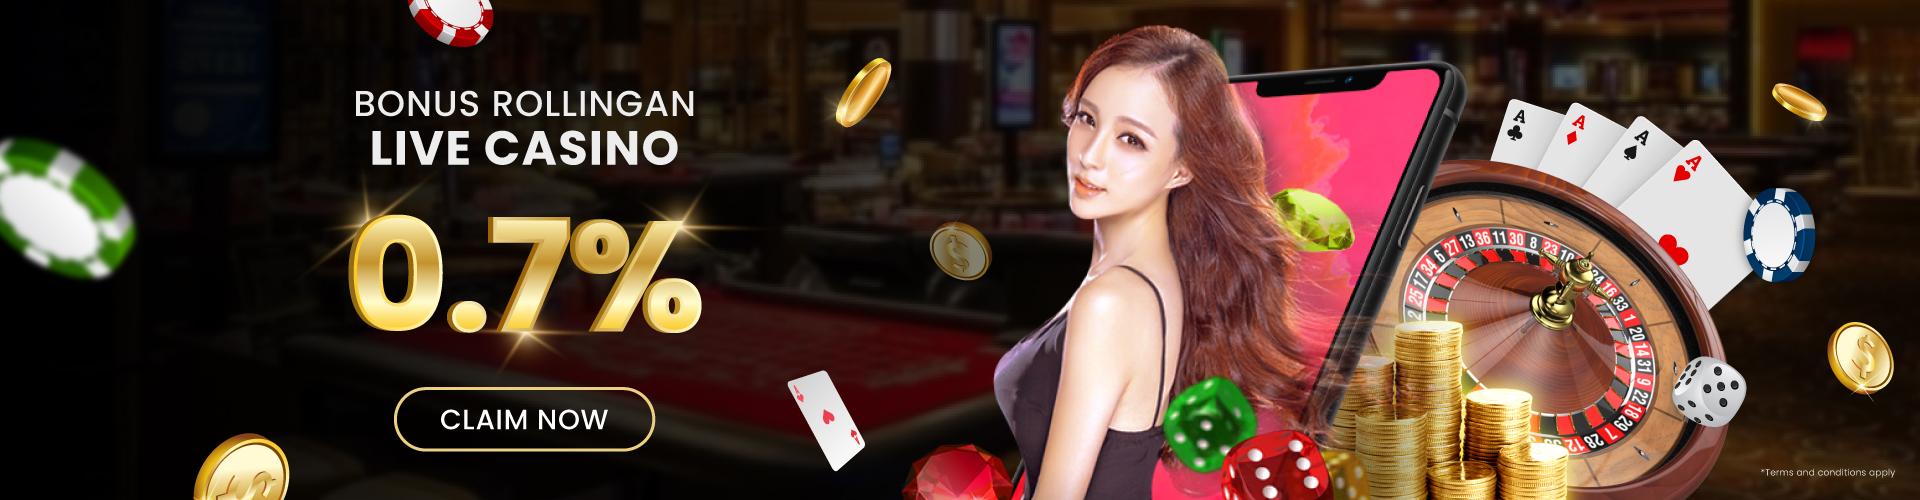 Daftar Slot Casino Online Deposit Pulsa